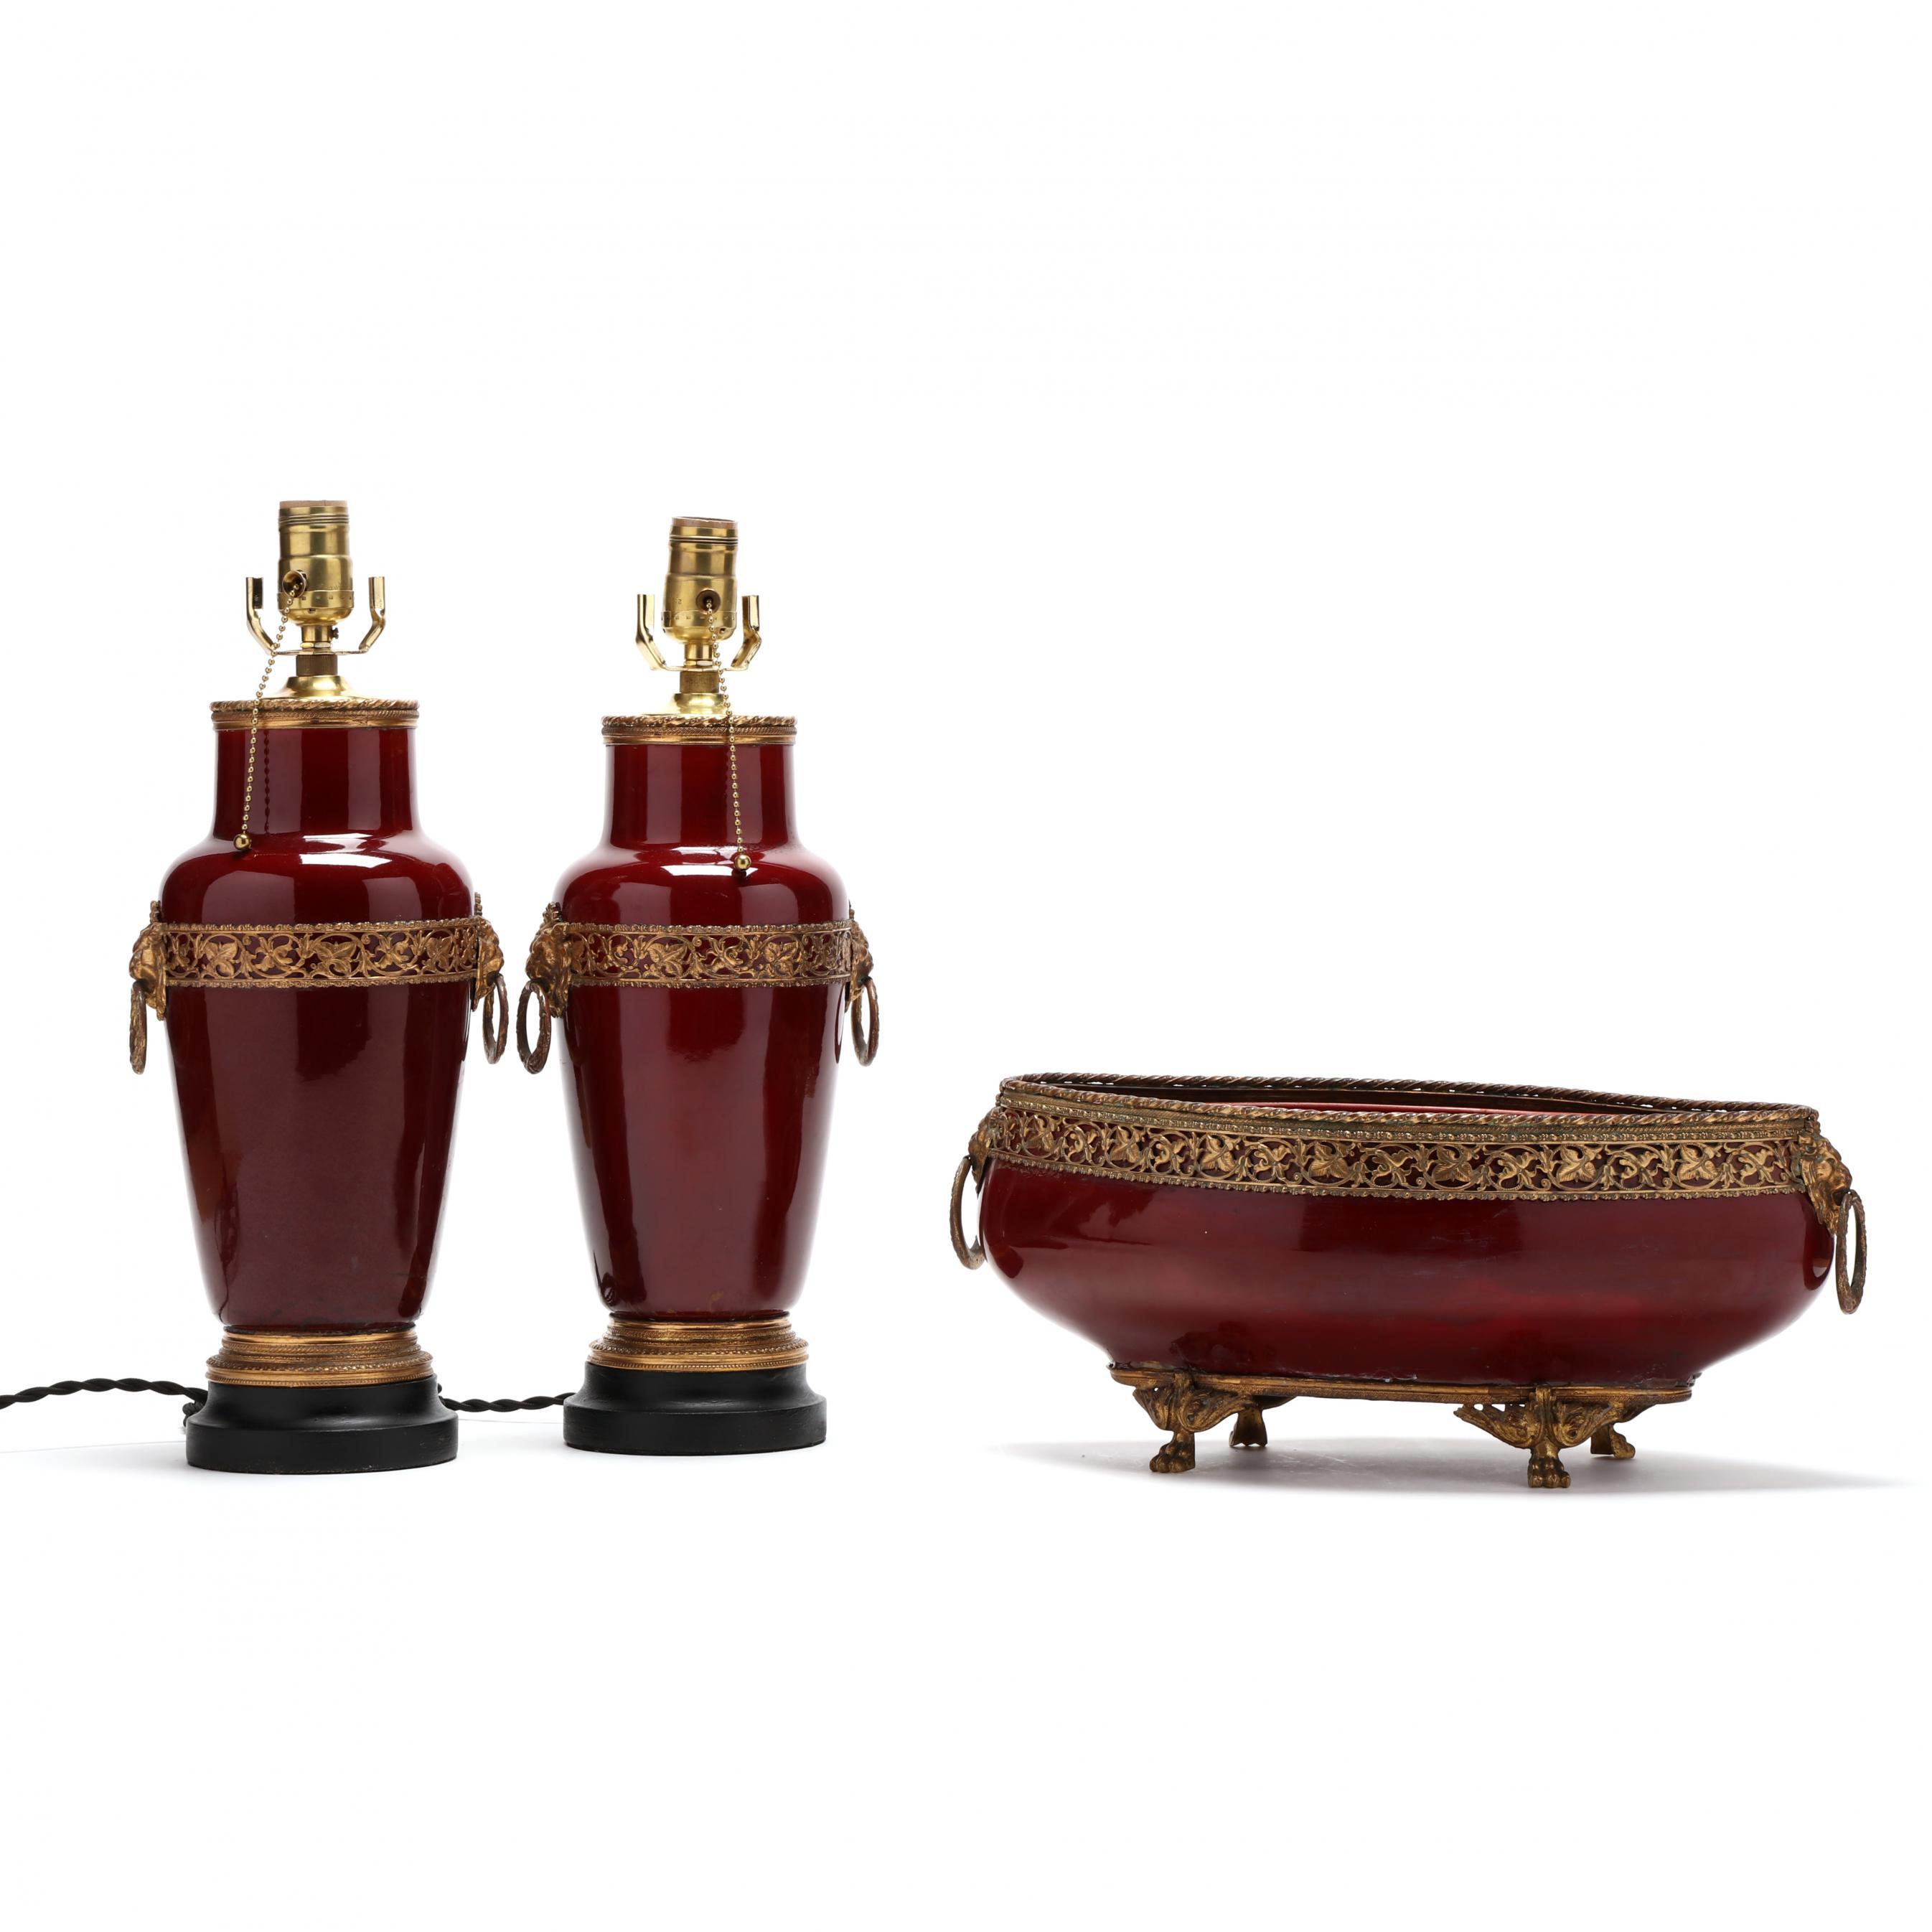 french-ormolu-mounted-oxblood-porcelain-lamp-garniture